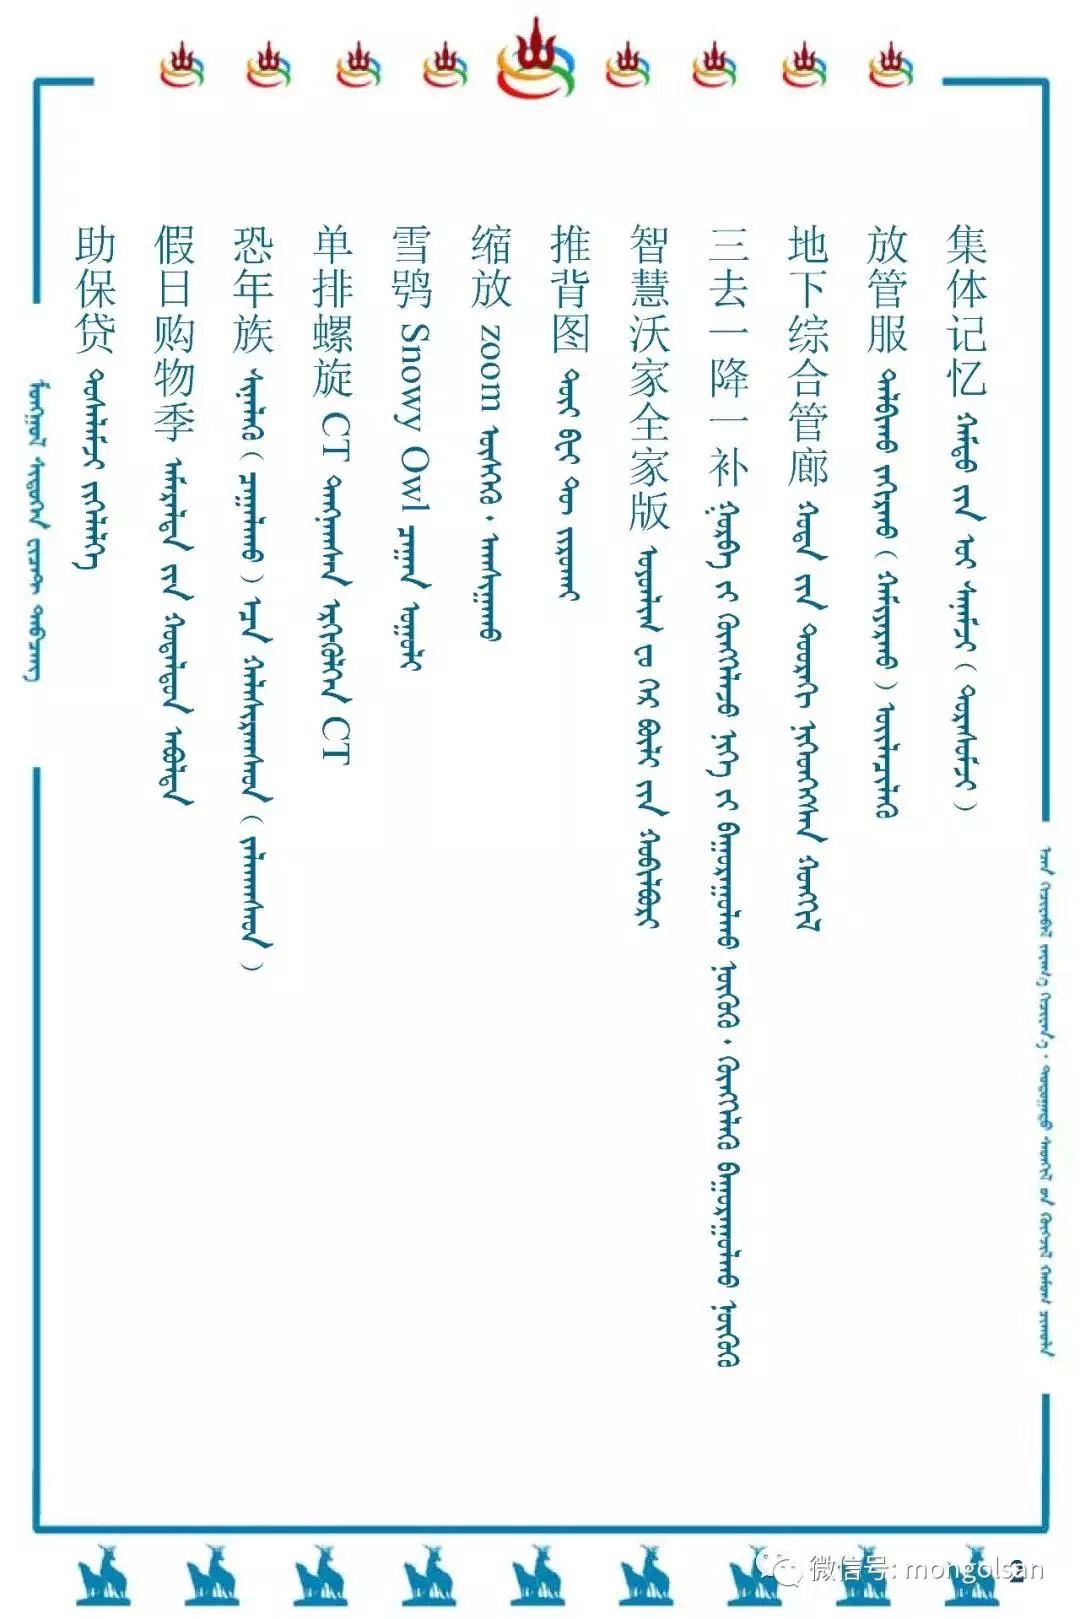 最新名词蒙古语翻译参考 第2张